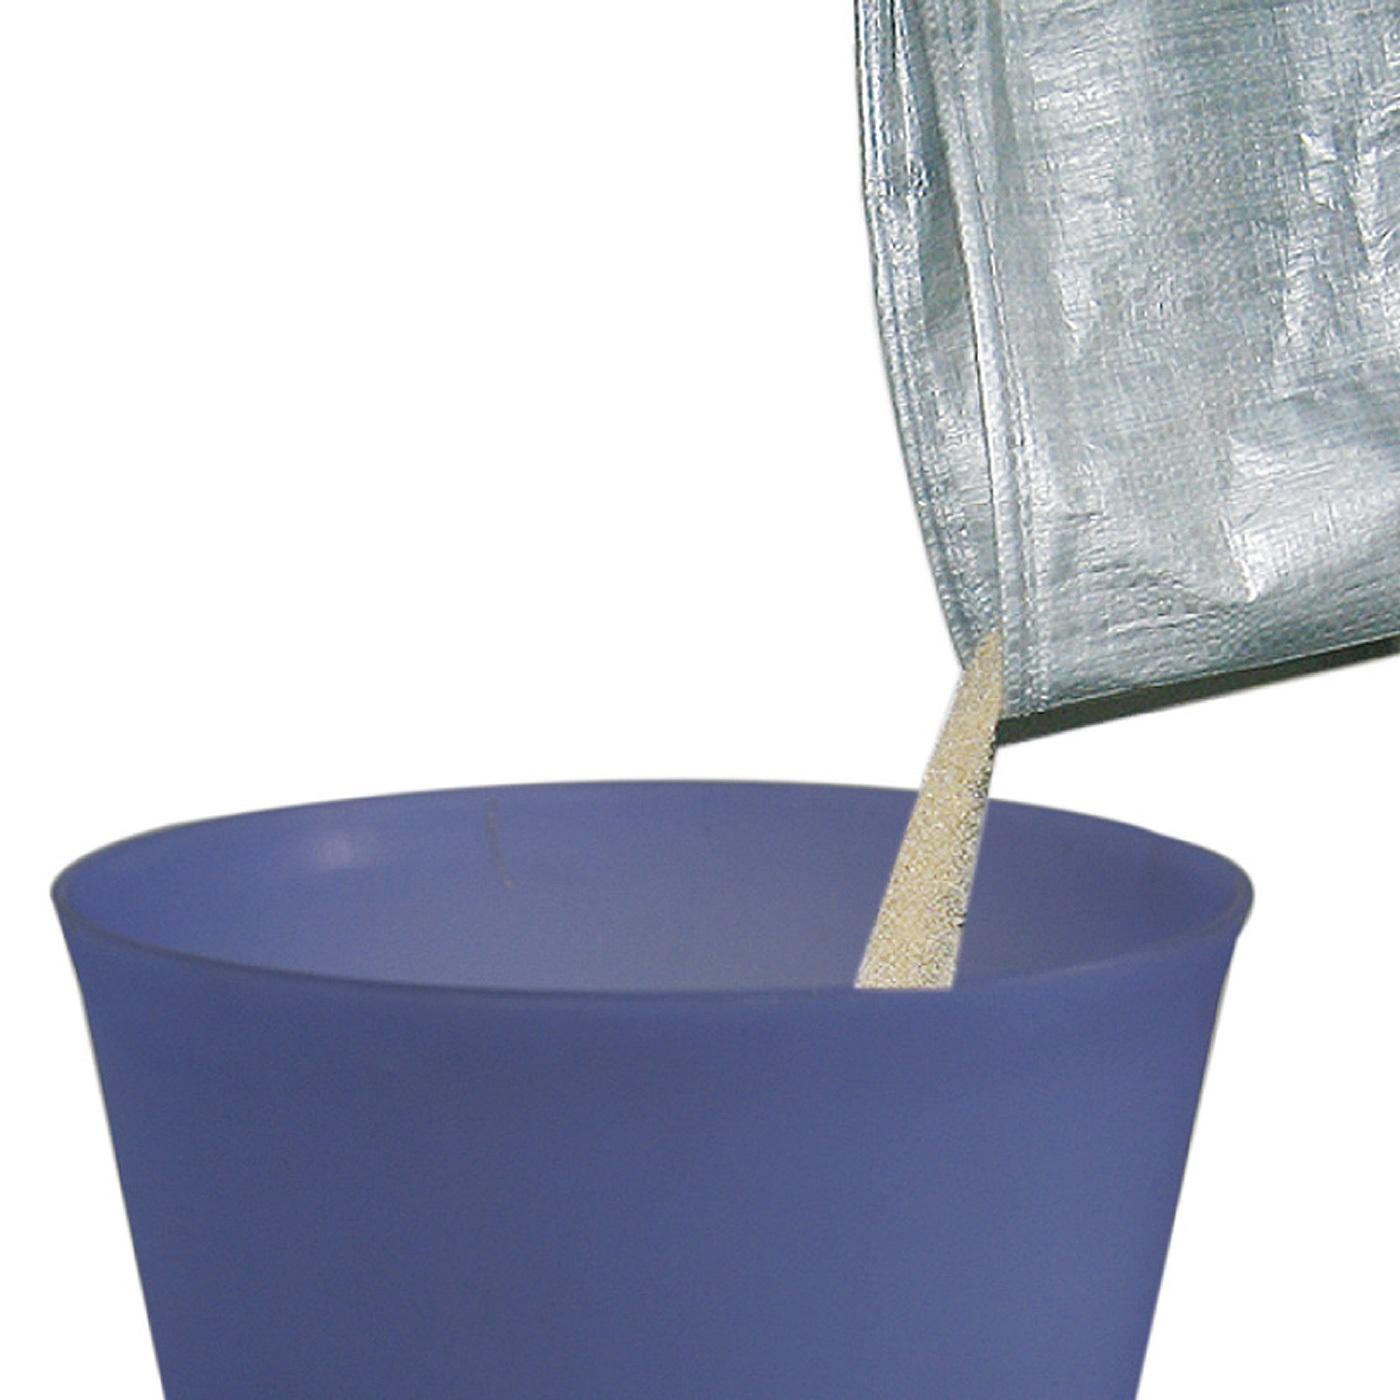 回転蓋(ふた)を取り外し、ライナー(インナー袋)を本体に取り付け、猫砂を入れます。ライナーごと外せるので、砂の入れ替えも簡単。